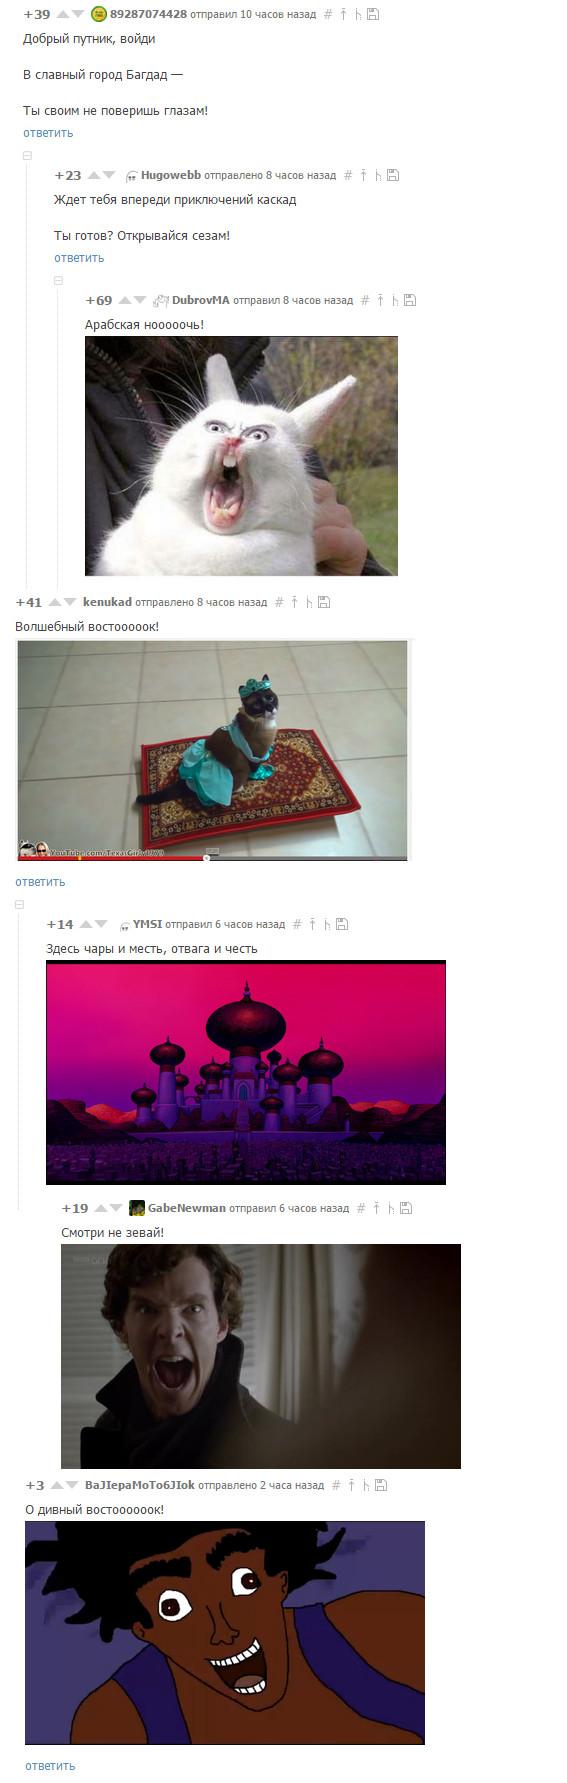 Арабская ветка или очередная песня на Пикабу Комментарии, Арабская ночь, Аладдин, Длиннопост